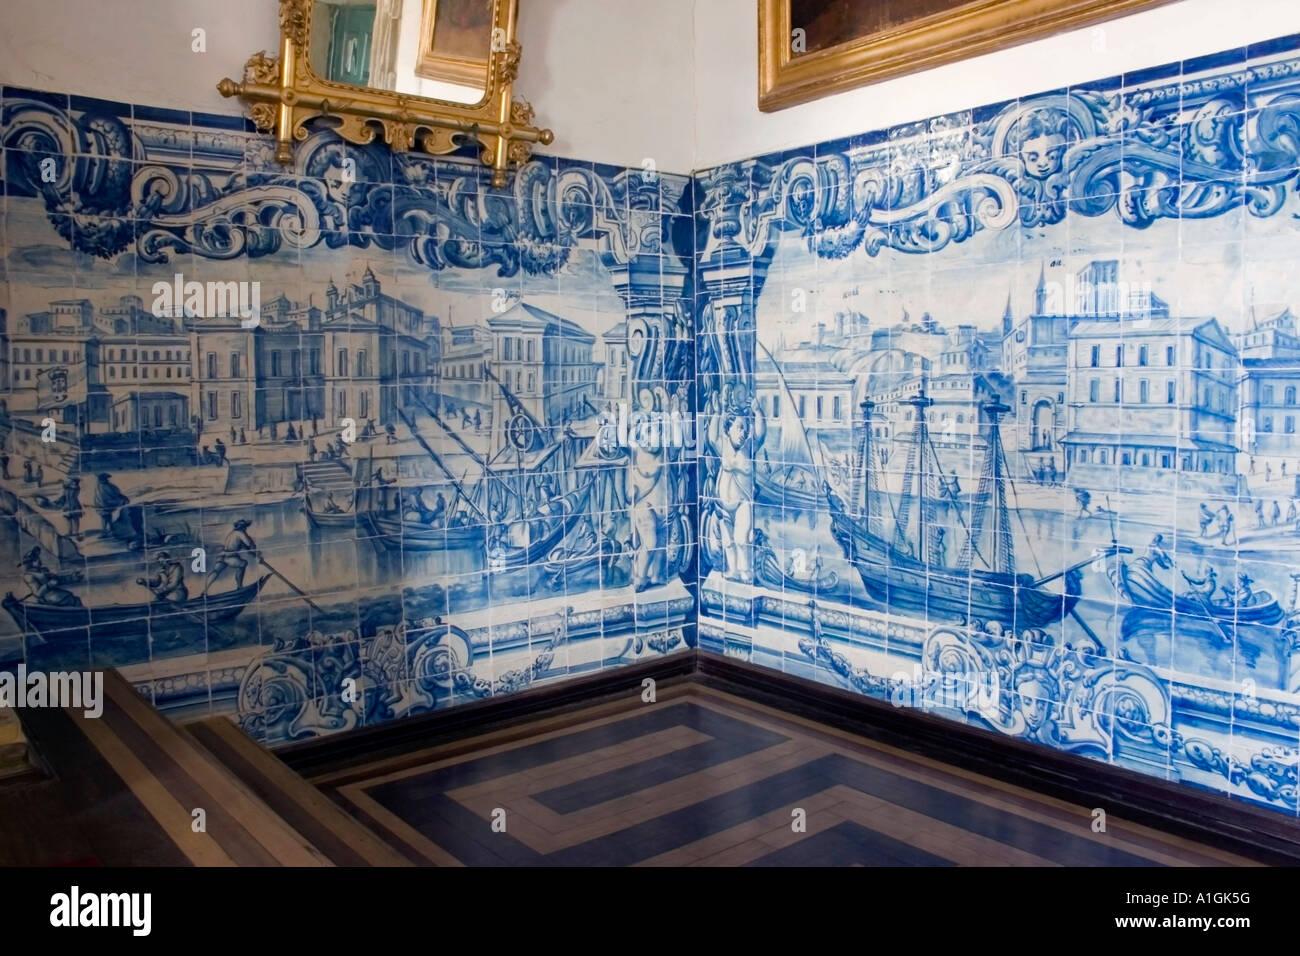 portugiesische fliesen mit szenen von lissabon vor dem erdbeben von 1755 ordem terceira de s. Black Bedroom Furniture Sets. Home Design Ideas